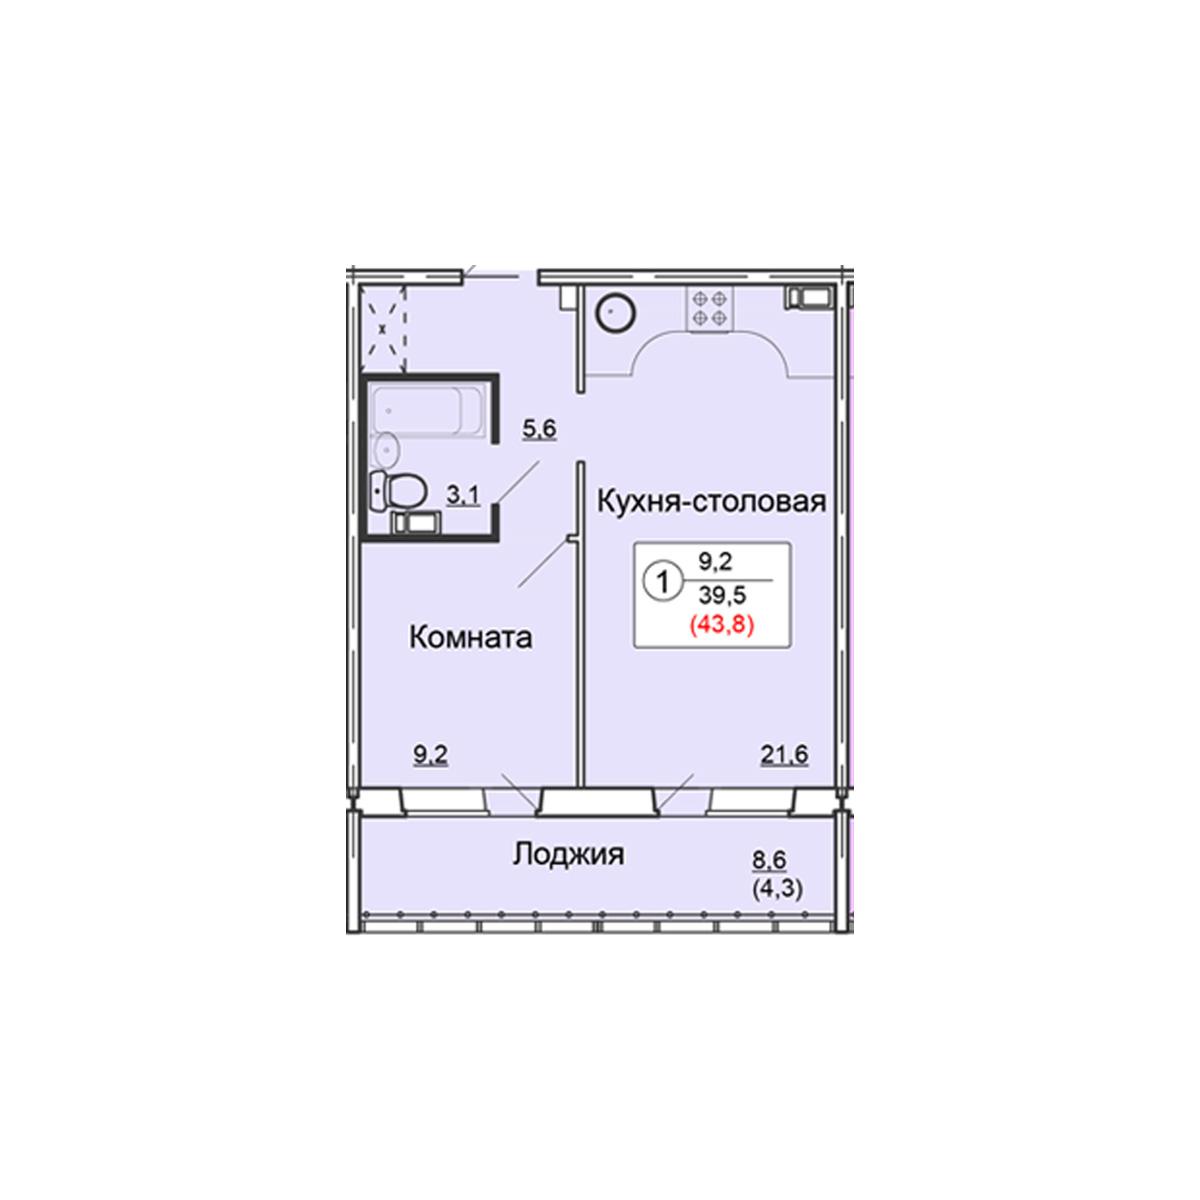 1-комнатная квартира 43.8 м<sup>2</sup>, Дом по ул. Попова, 38